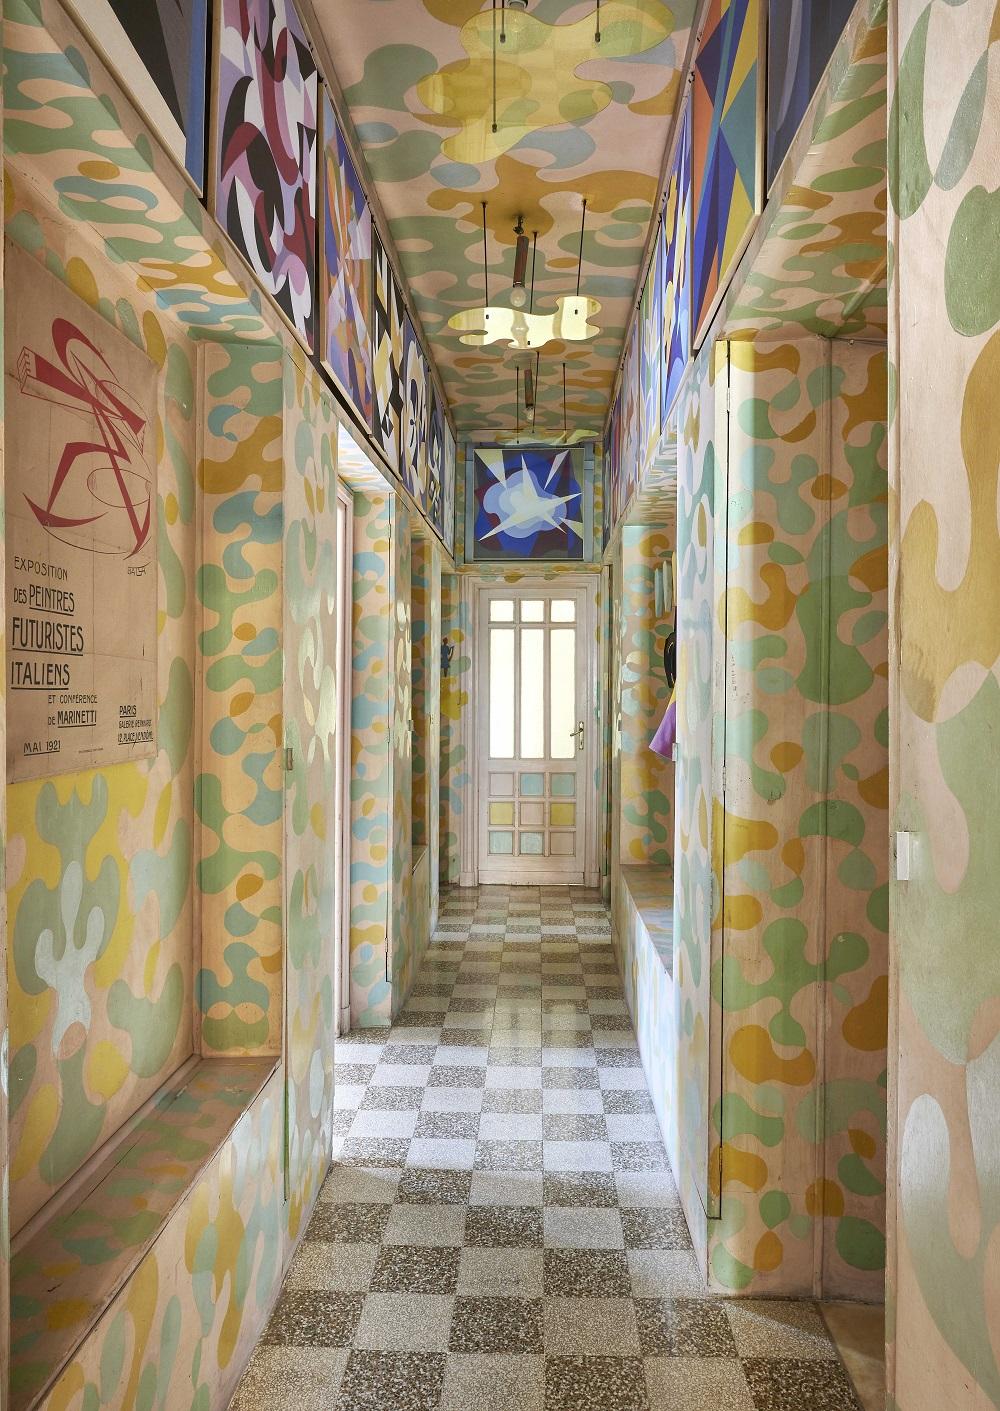 visita a casa Balla a Roma via Oslavia